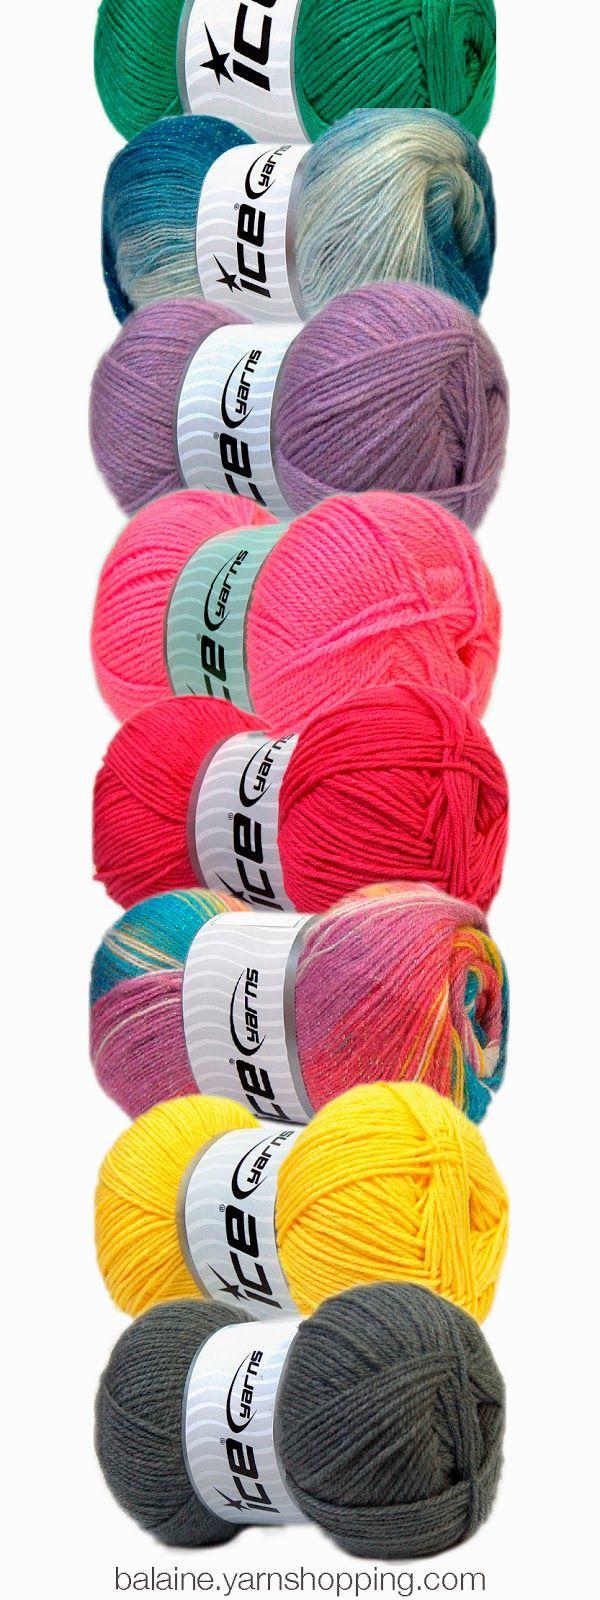 Les 25 meilleures id es de la cat gorie laine sur pinterest grande couverture en tricot - Aiguille a tricoter grande longueur ...